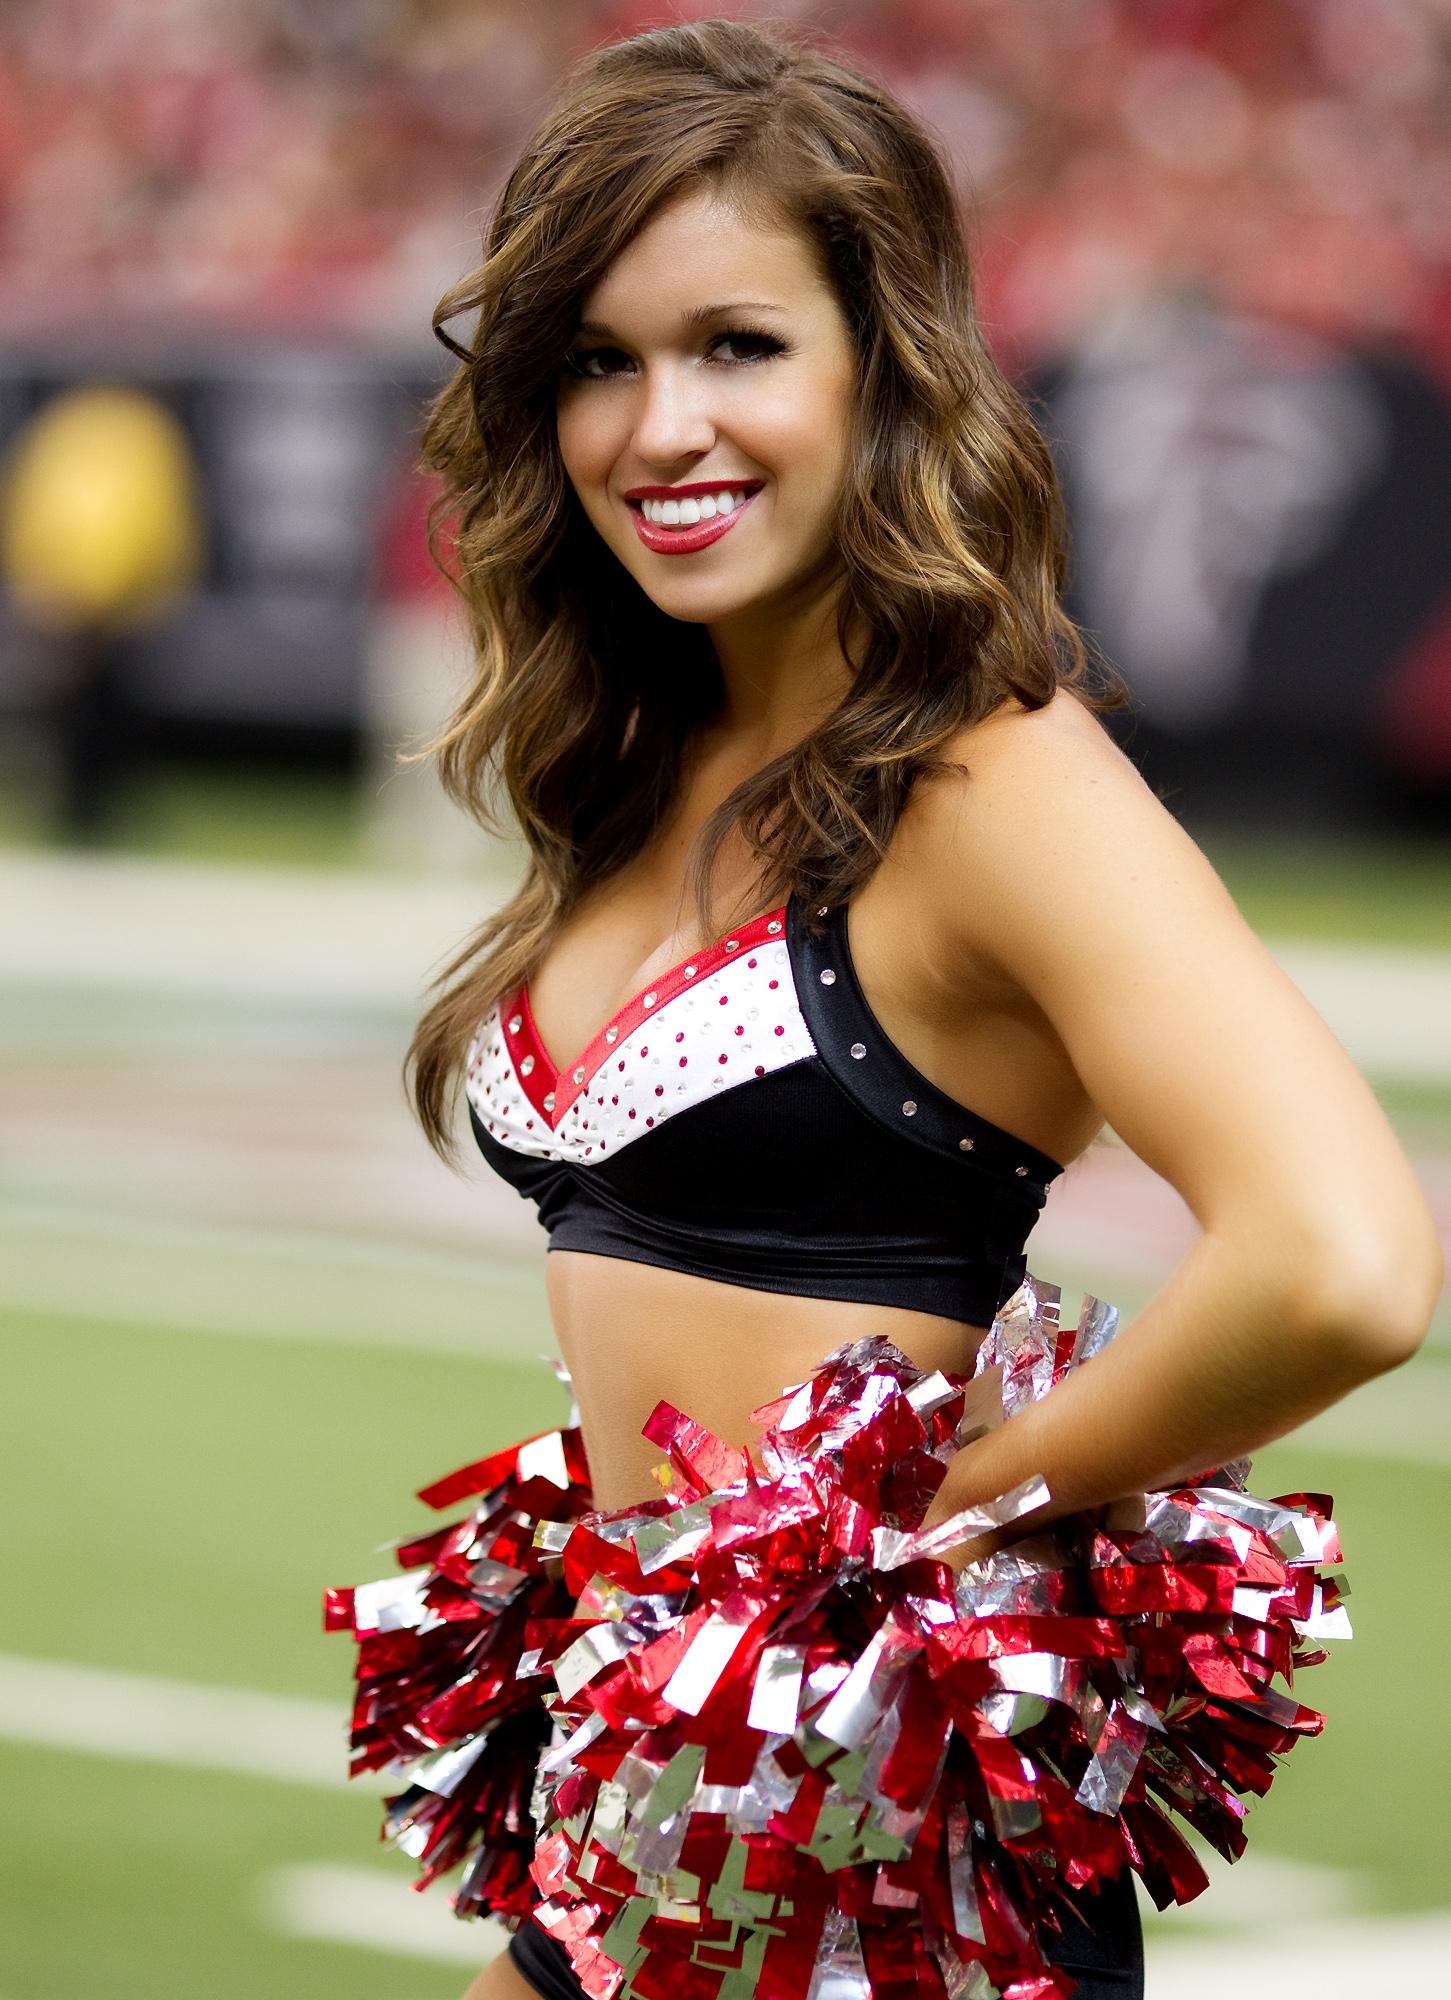 Meet Bristen: Atlanta Falcons cheerleader and registered nurse